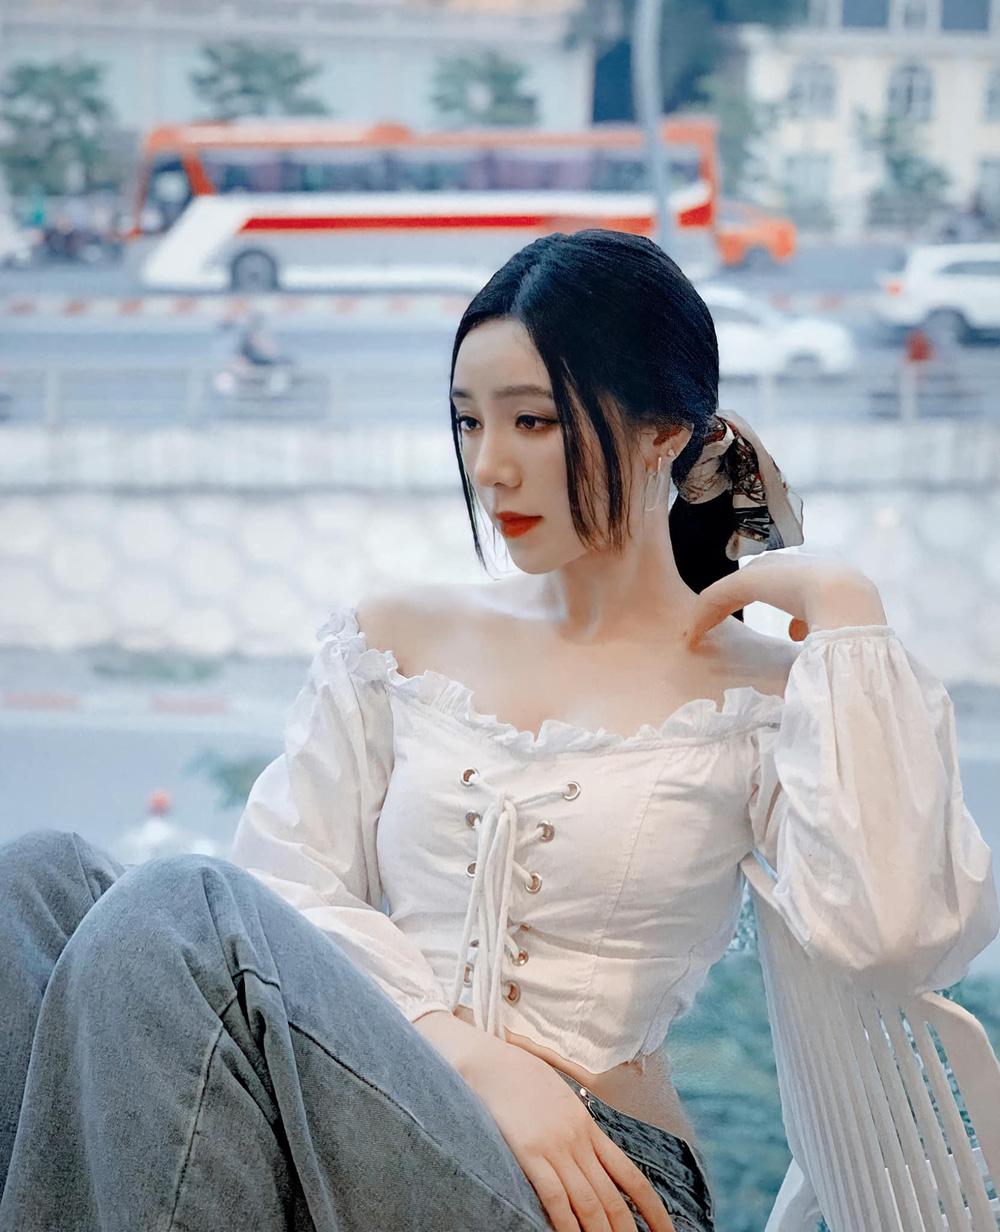 Dàn diễn viên diện đầm trễ vai: Phương Oanh, Bảo Thanh đẹp không tì vết, Hồng Diễm hack tuổi thần sầu - Ảnh 6.